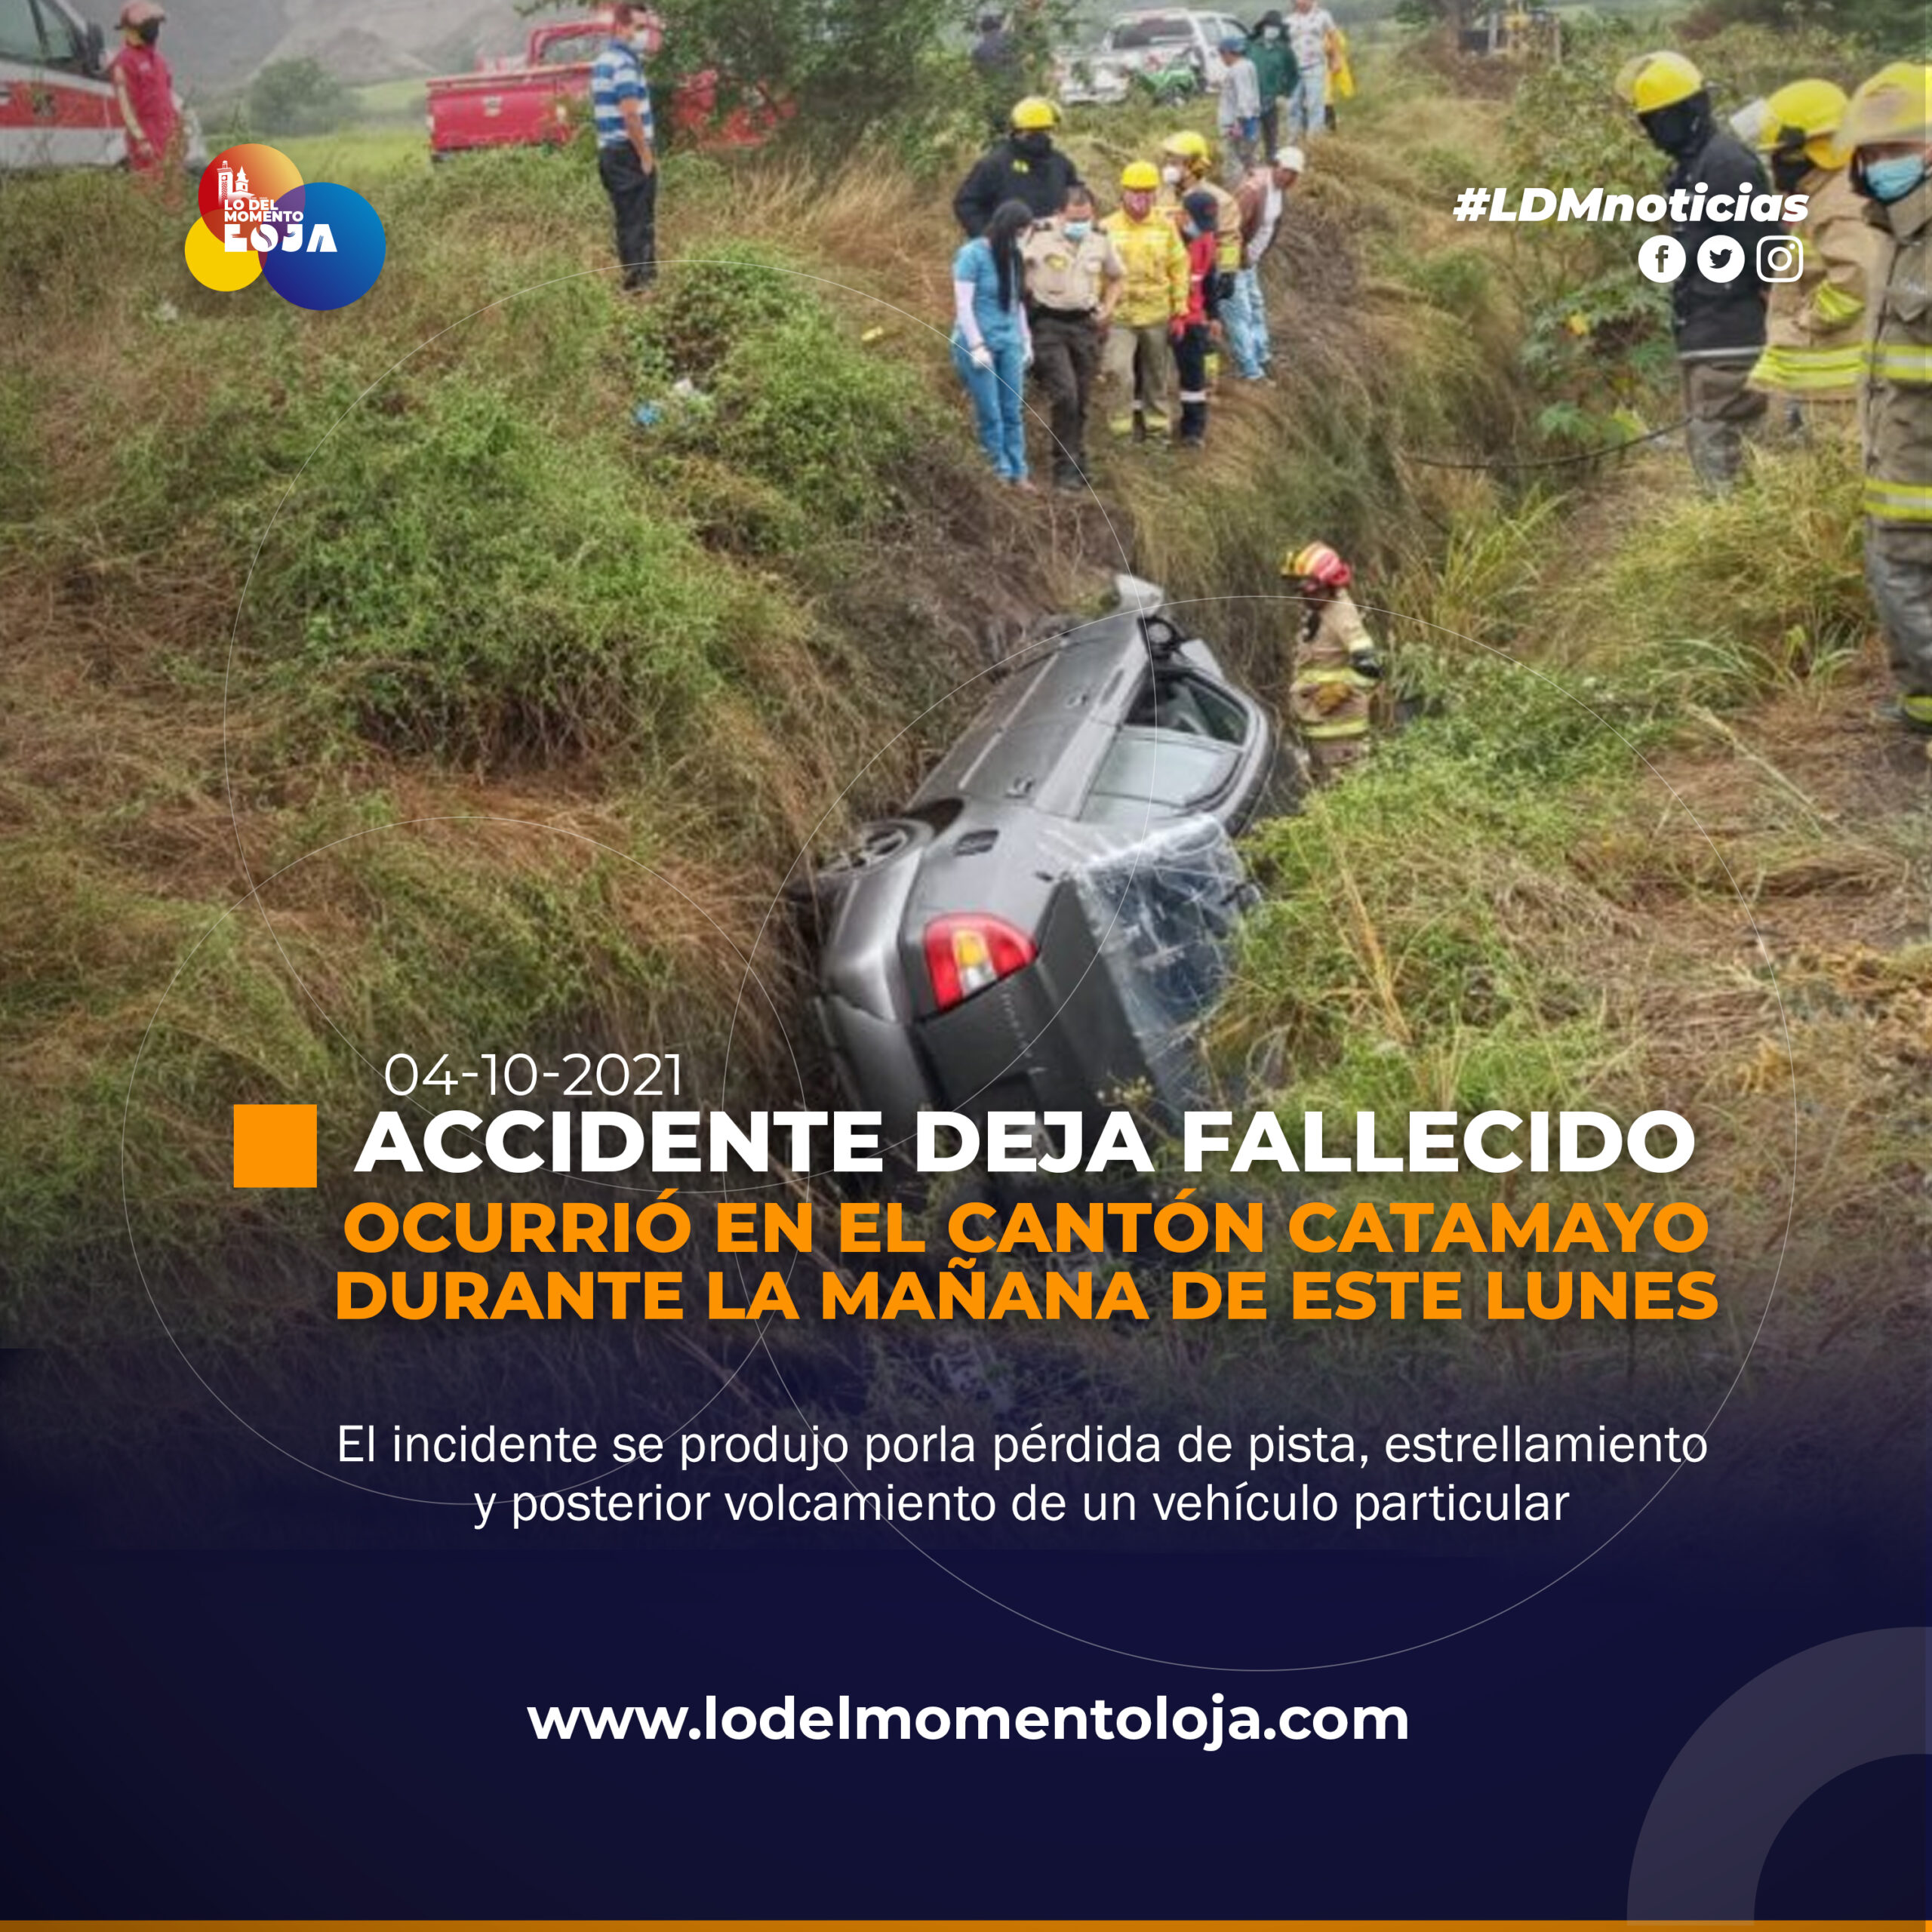 Accidente cobra la vida de un ciudadano